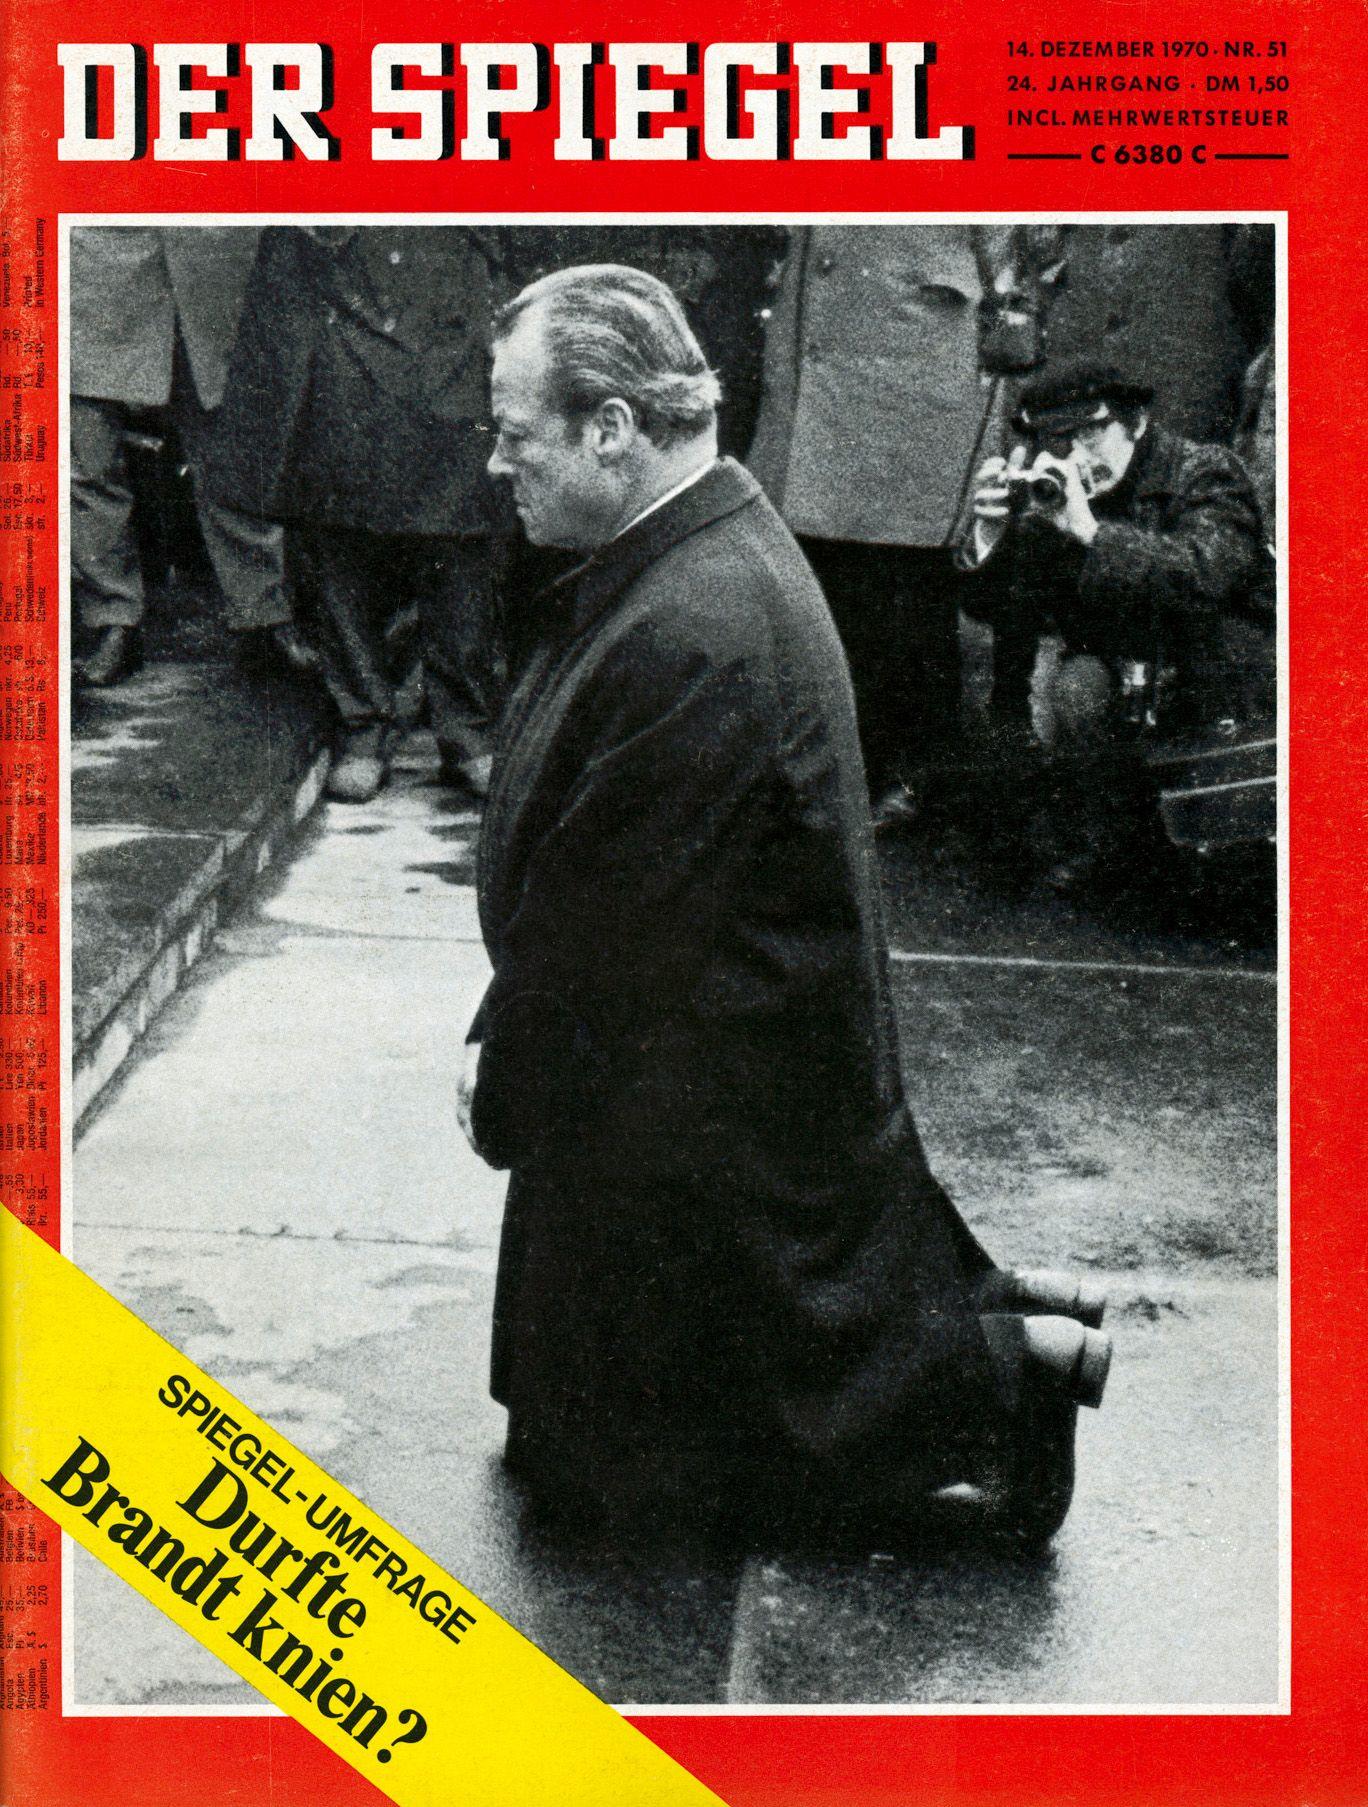 SPIEGEL-Titel 51/1970